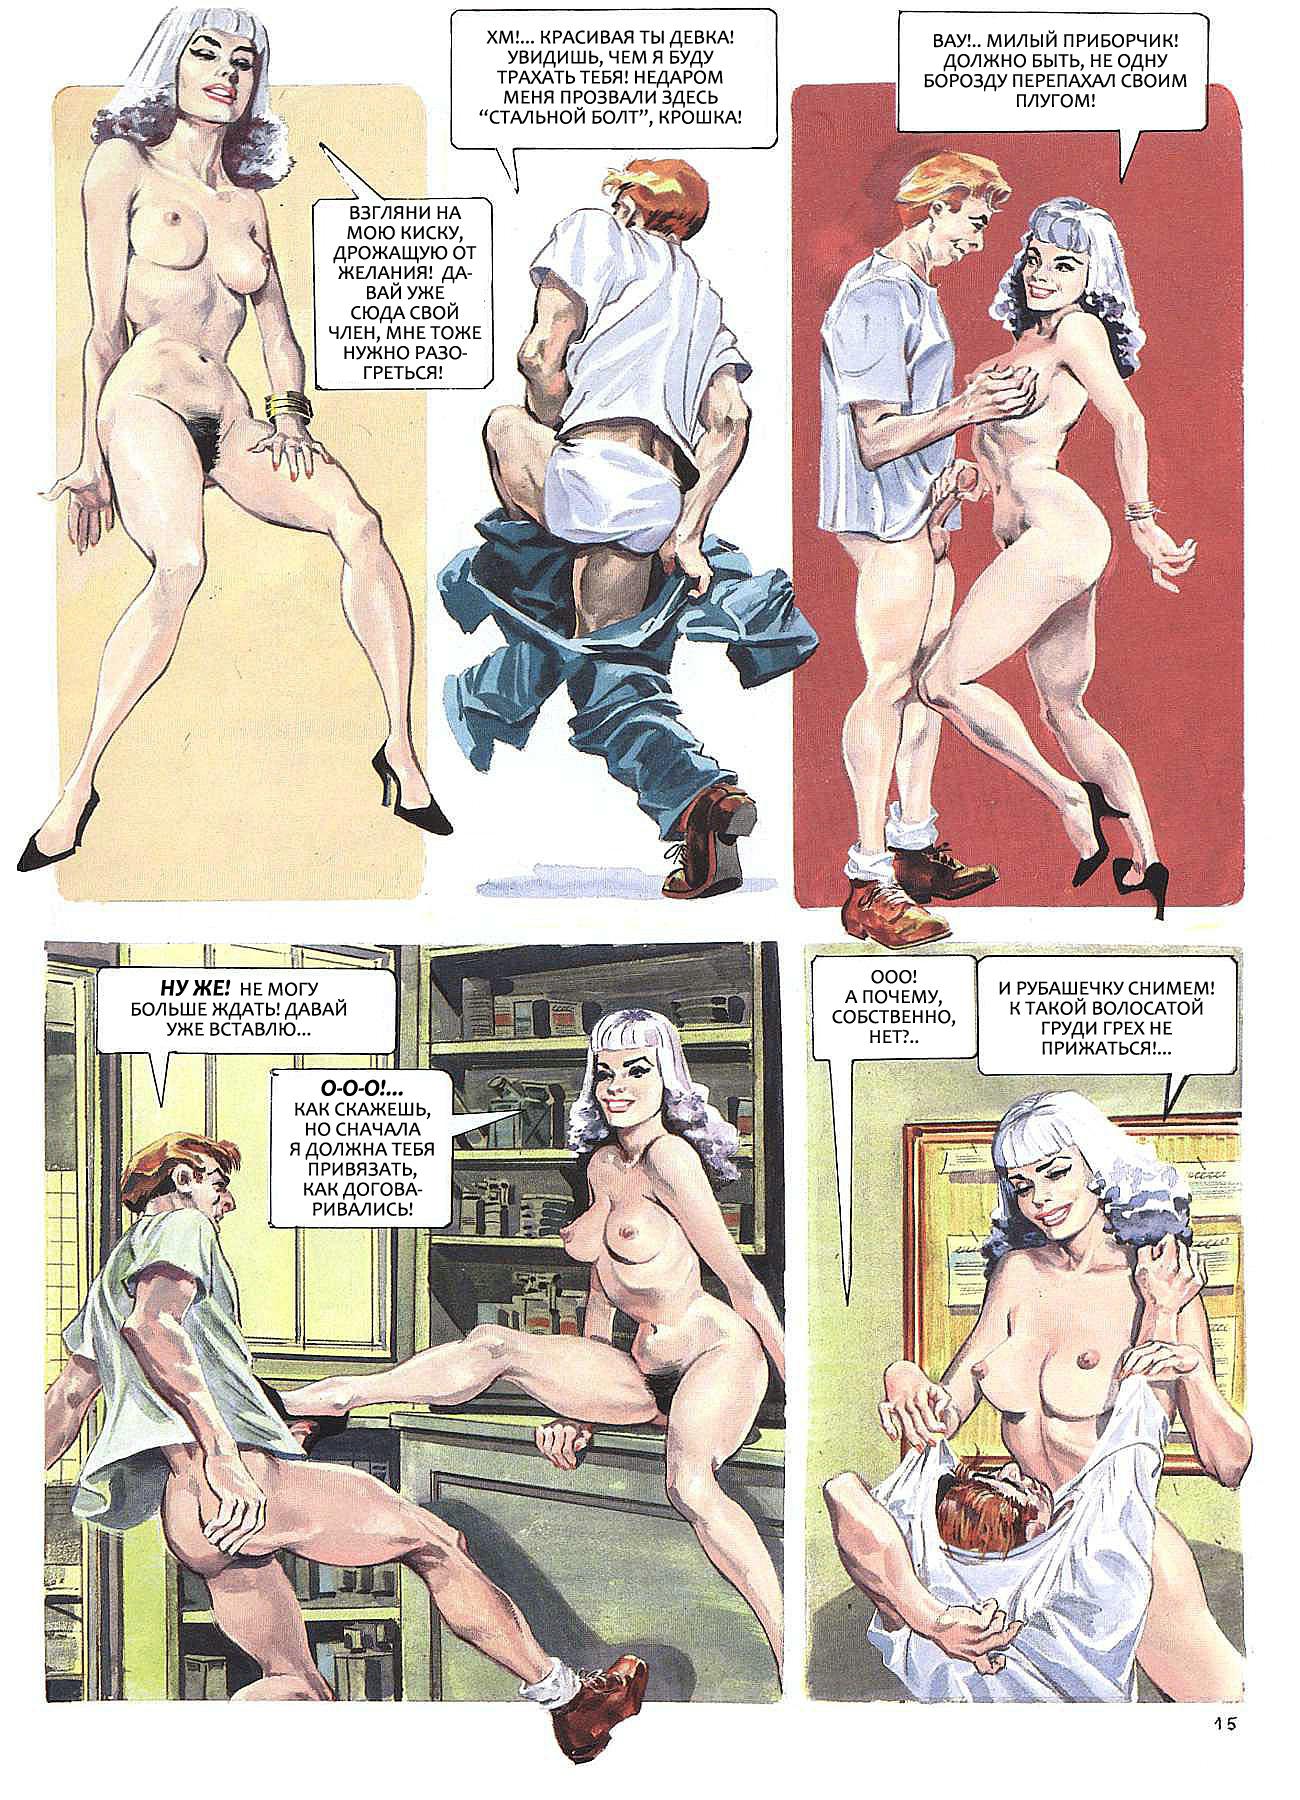 Эротические истории порно истории секс истории читать онлайн бесплатно 17 фотография